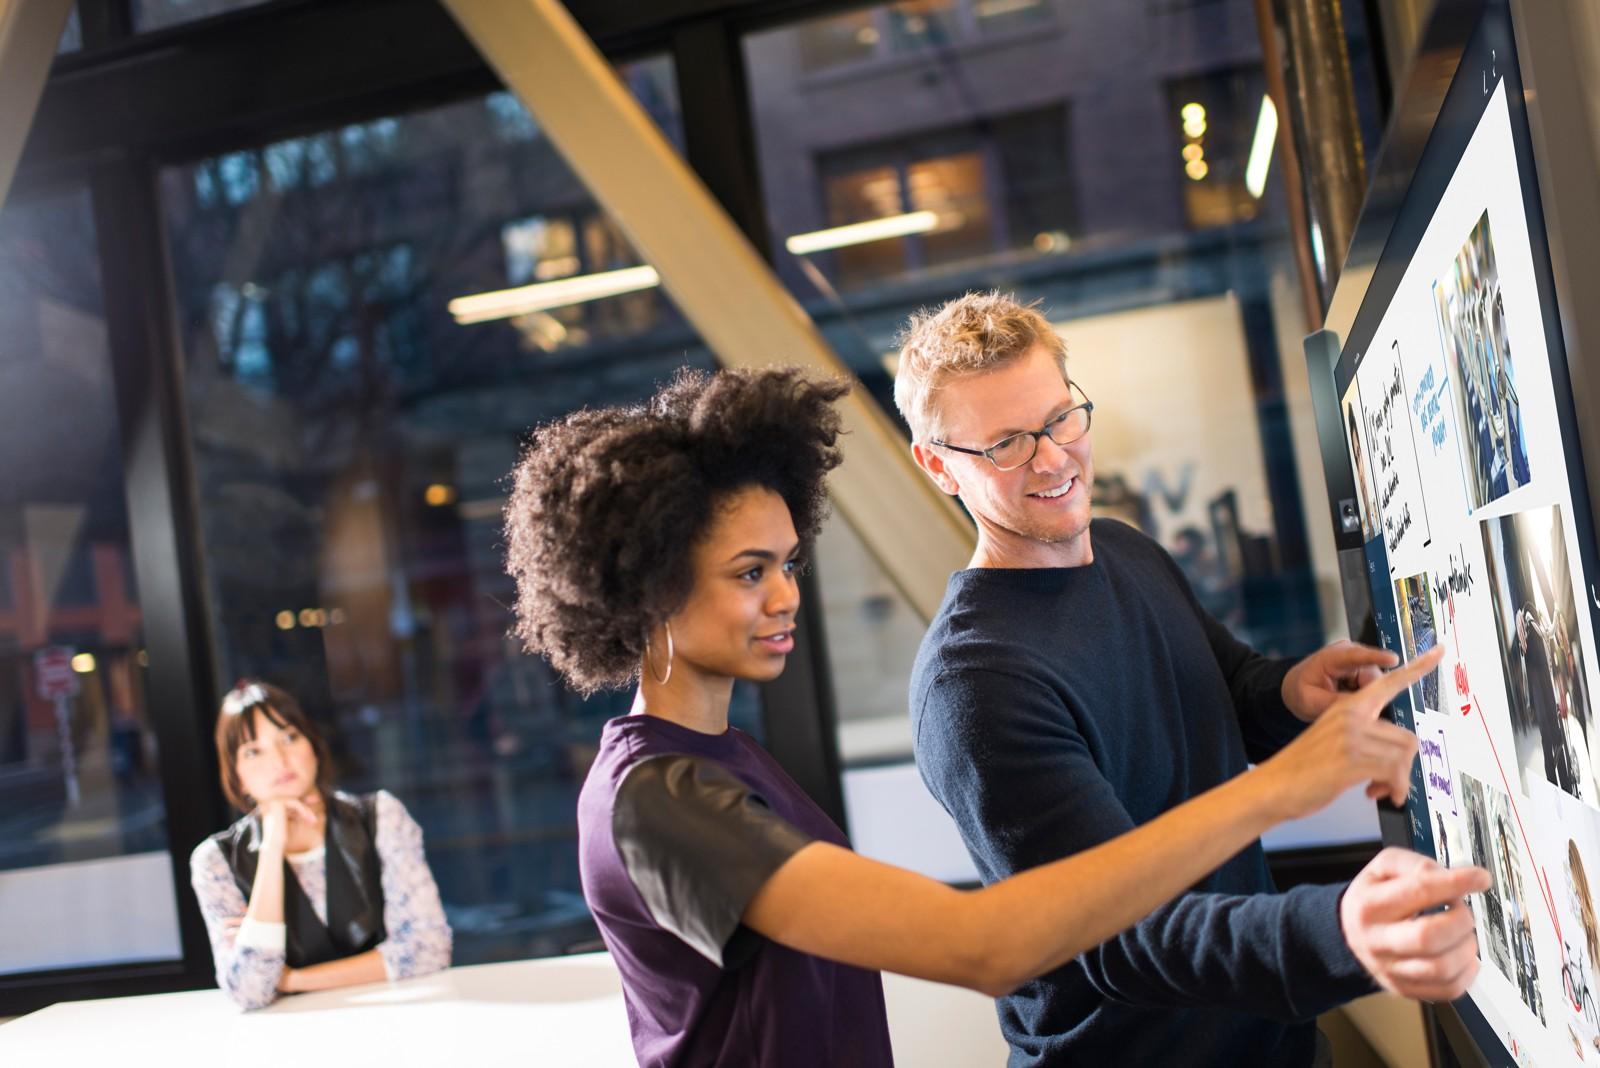 Smart – so sollen Büros heute sein. Denn smart – so sollen Knowledge-Worker heute arbeiten. Dr. Robert Nehring versucht eine Begriffsklärung von Smart Office, Smart Working, New Work und Büro 4.0.